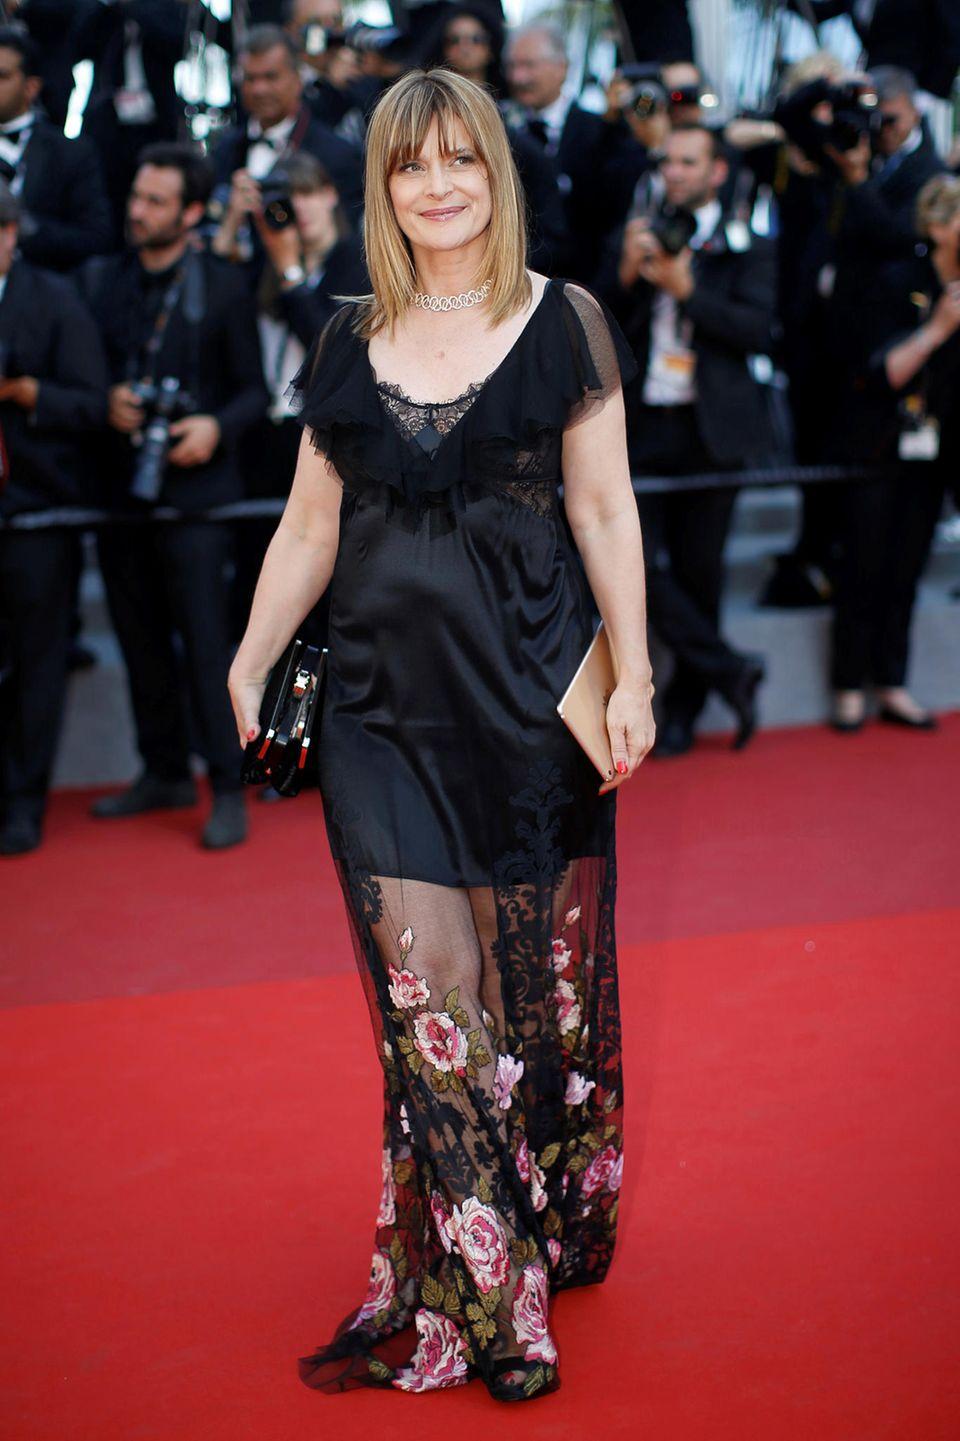 Spitze, Seide, florale Stickereien, alles dabei... richtig gelungen ist Nastassja Kinskis Red-Carpet-Look dennoch nicht.